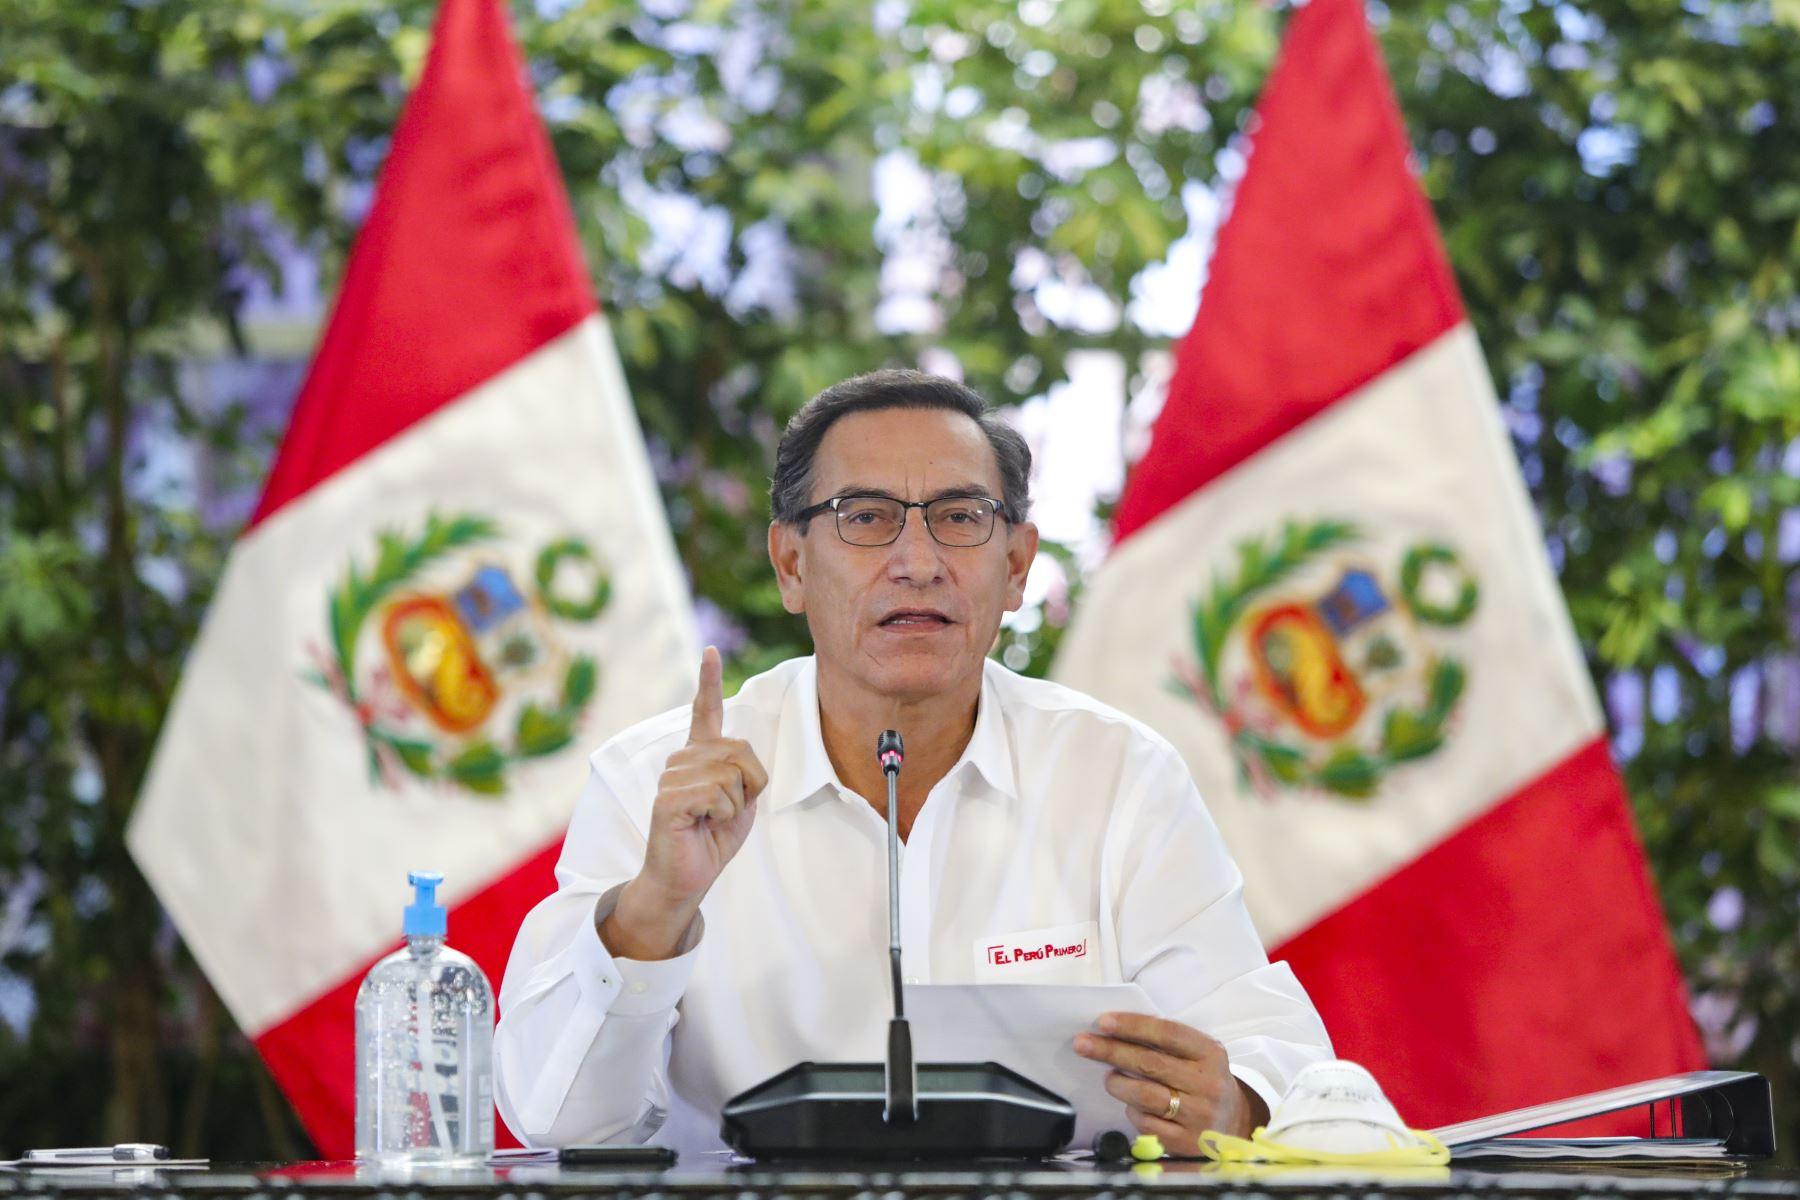 Comisión de Fiscalización investigará sobre presunto favorecimiento a amigos del presidente Vizcarra